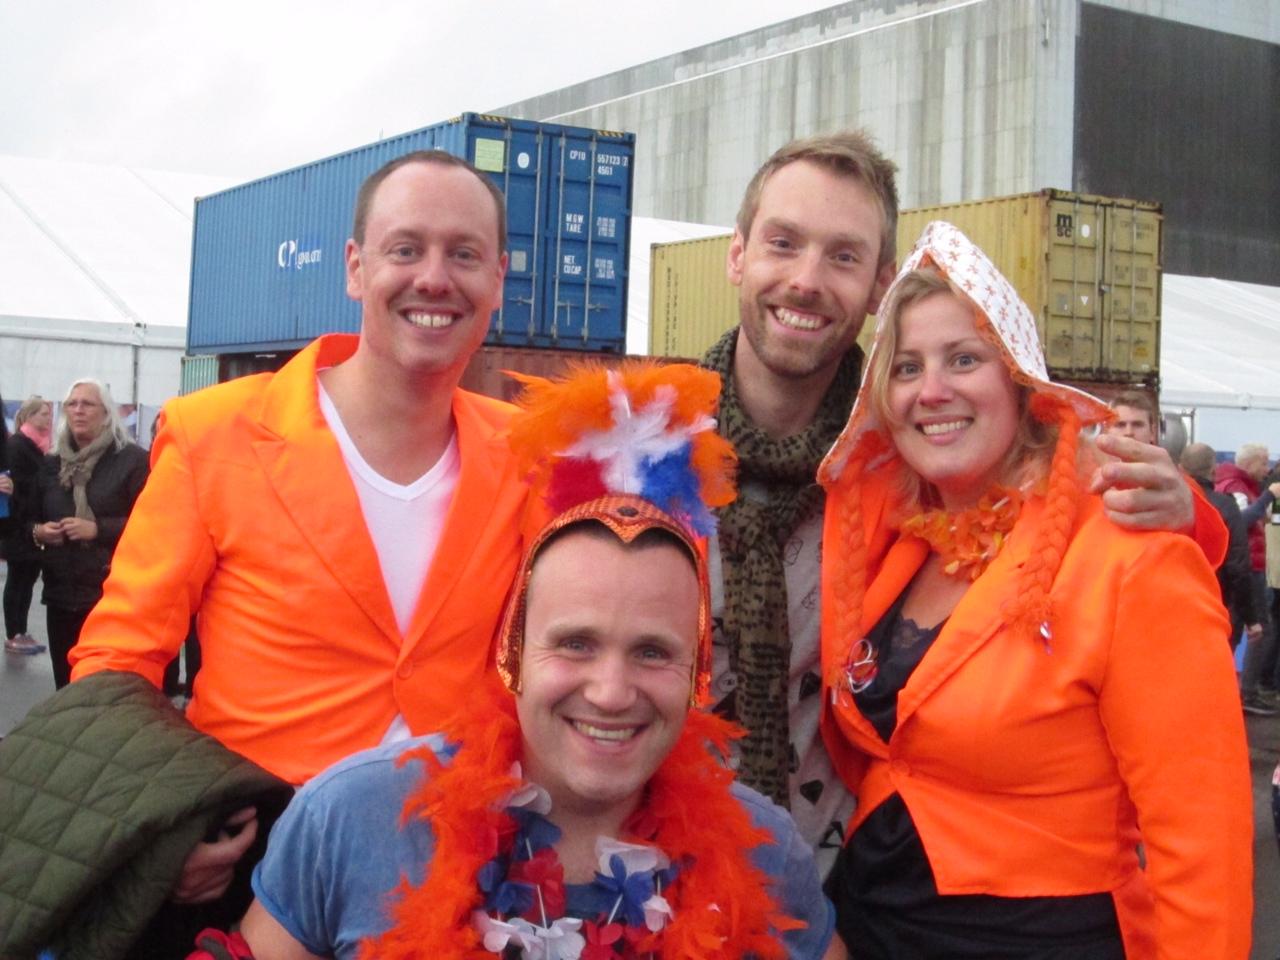 quattro persne, di cui tre vestire con abiti e dettagli arancioni